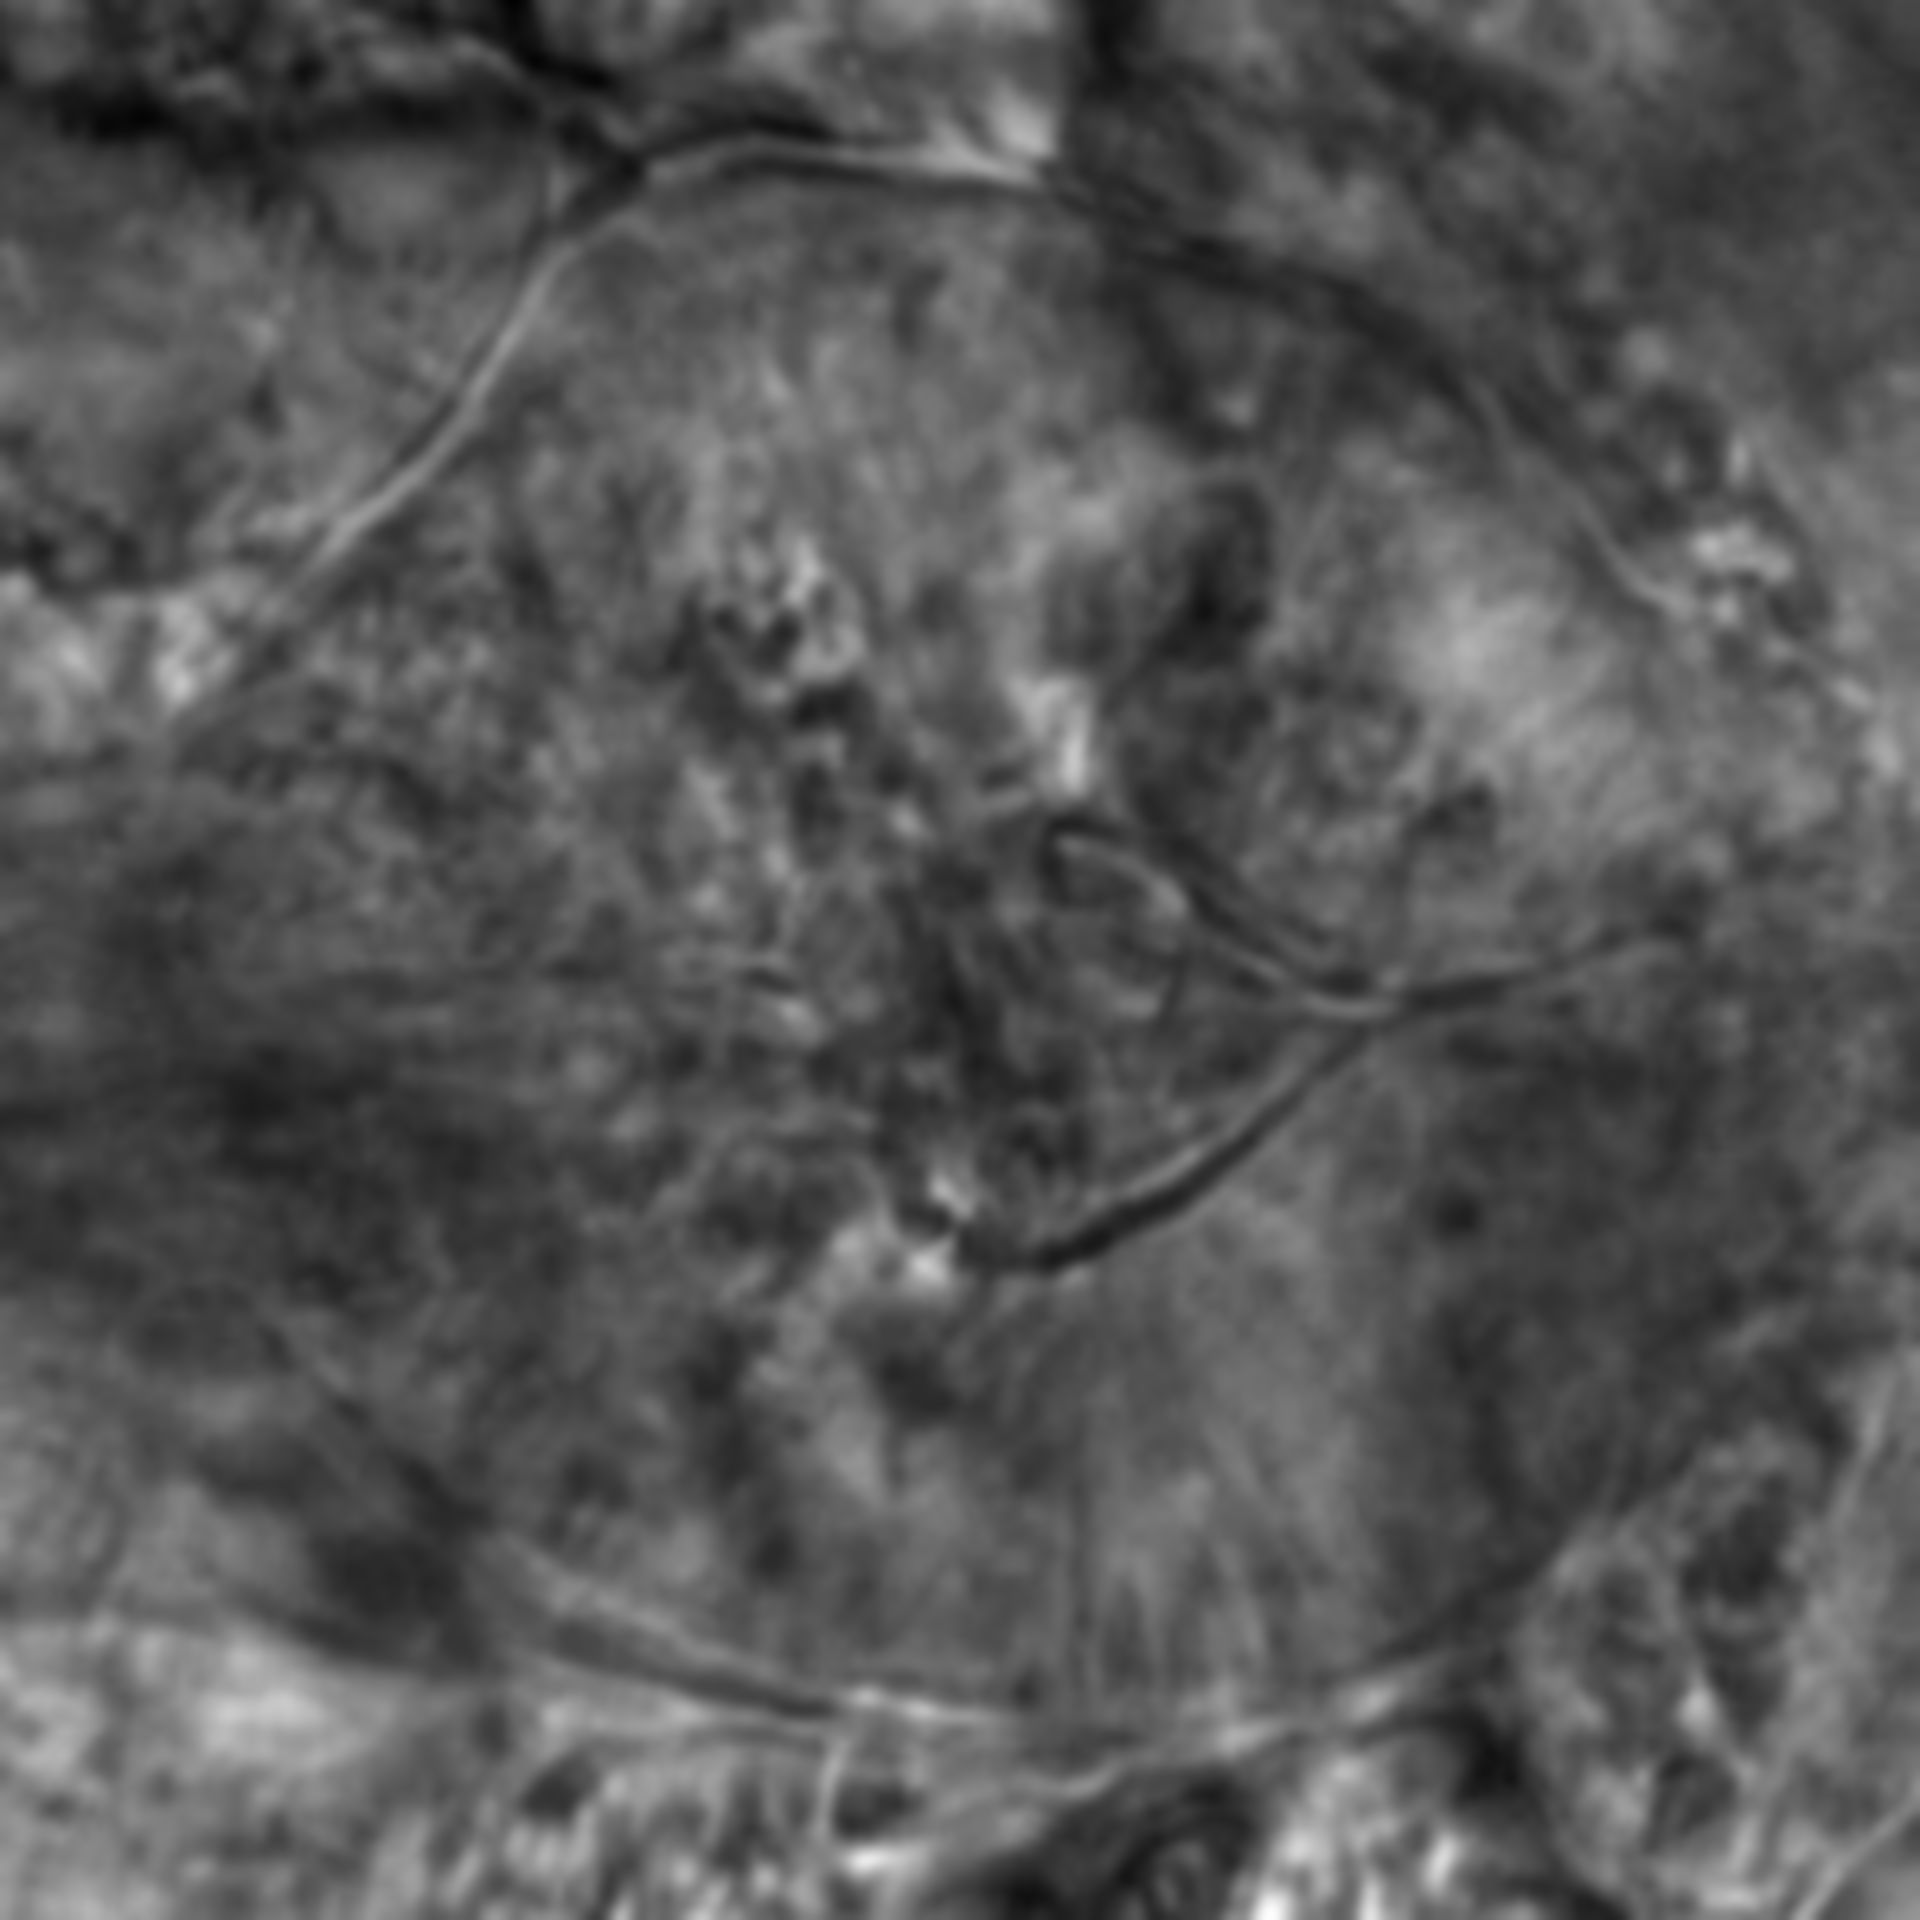 Caenorhabditis elegans - CIL:2560